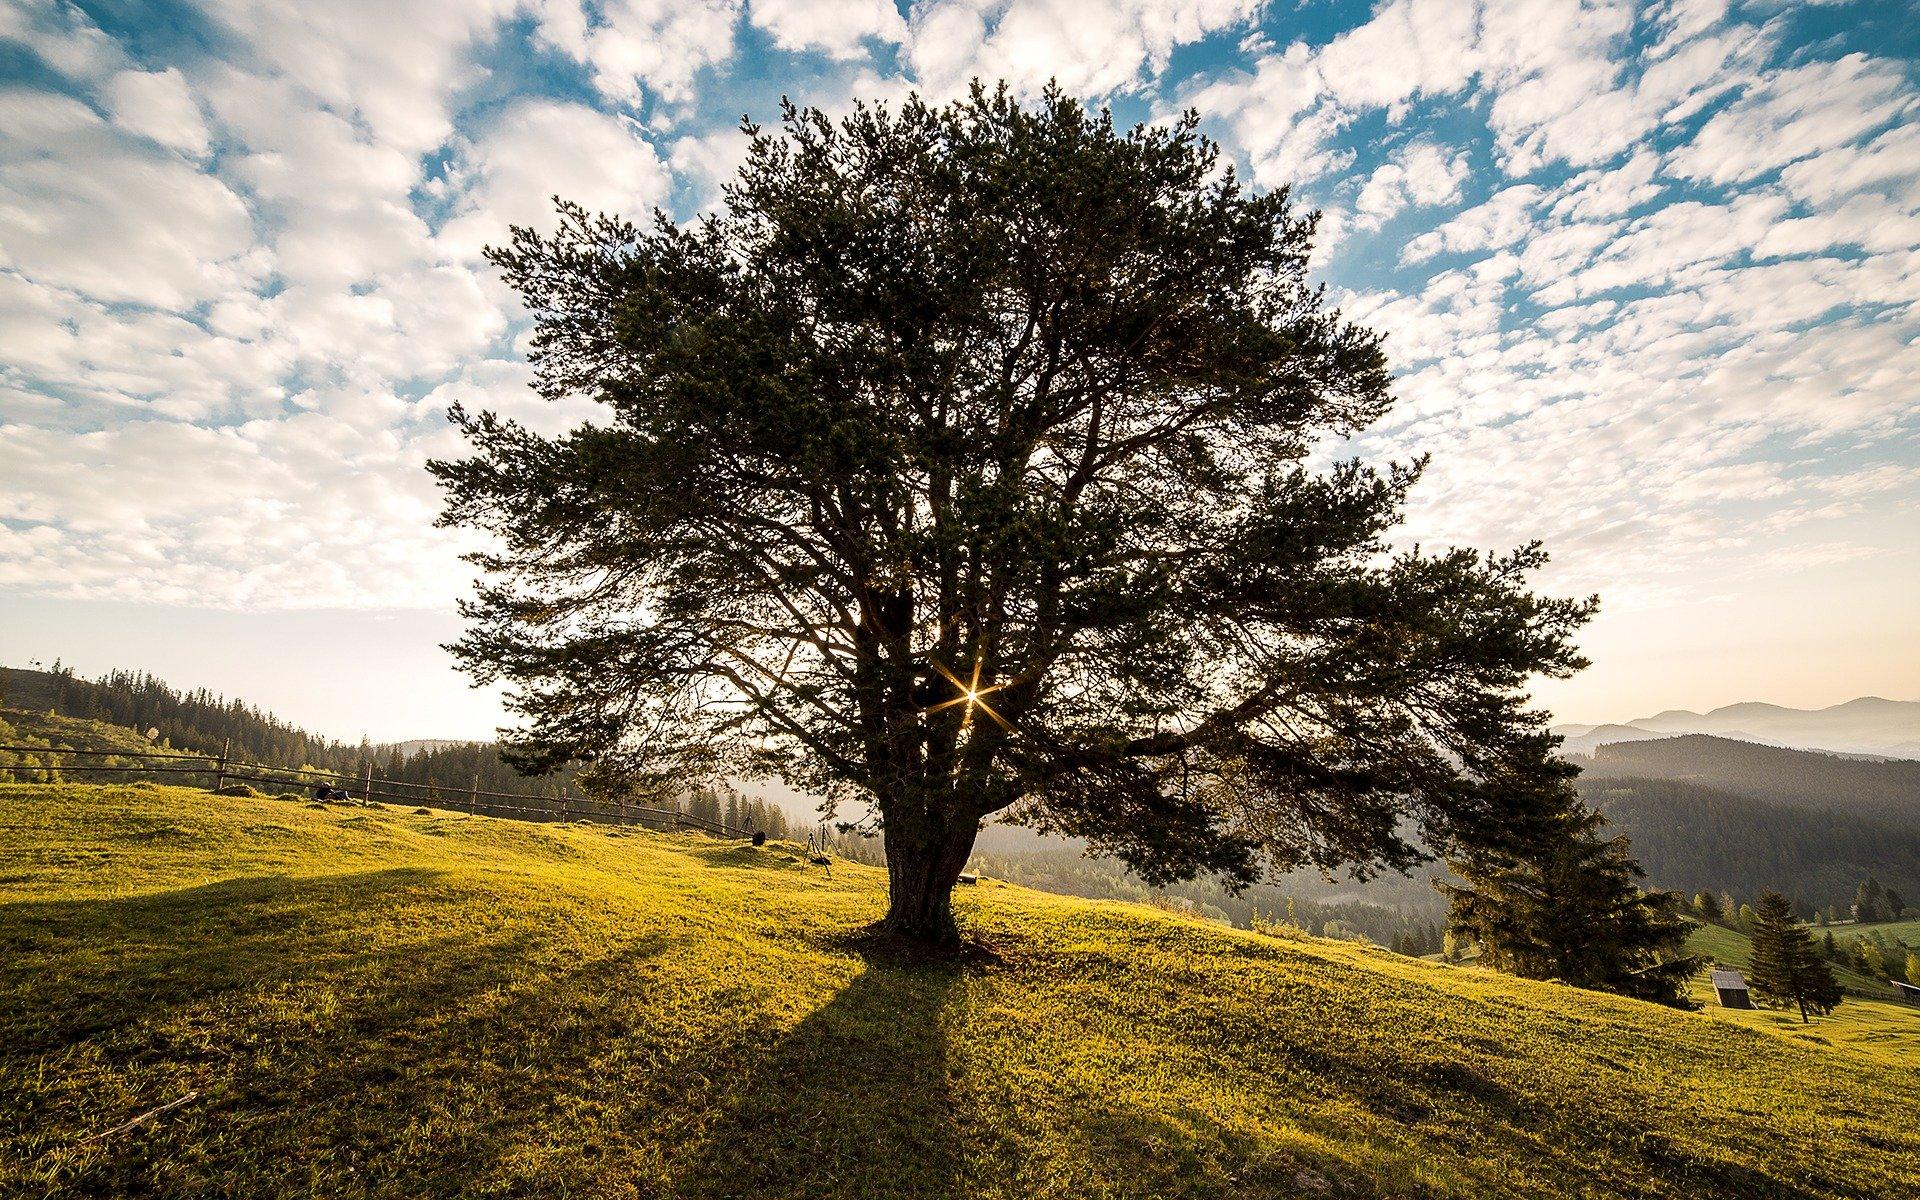 Baum auf Wiese. Quelle: danfador/Pixabay